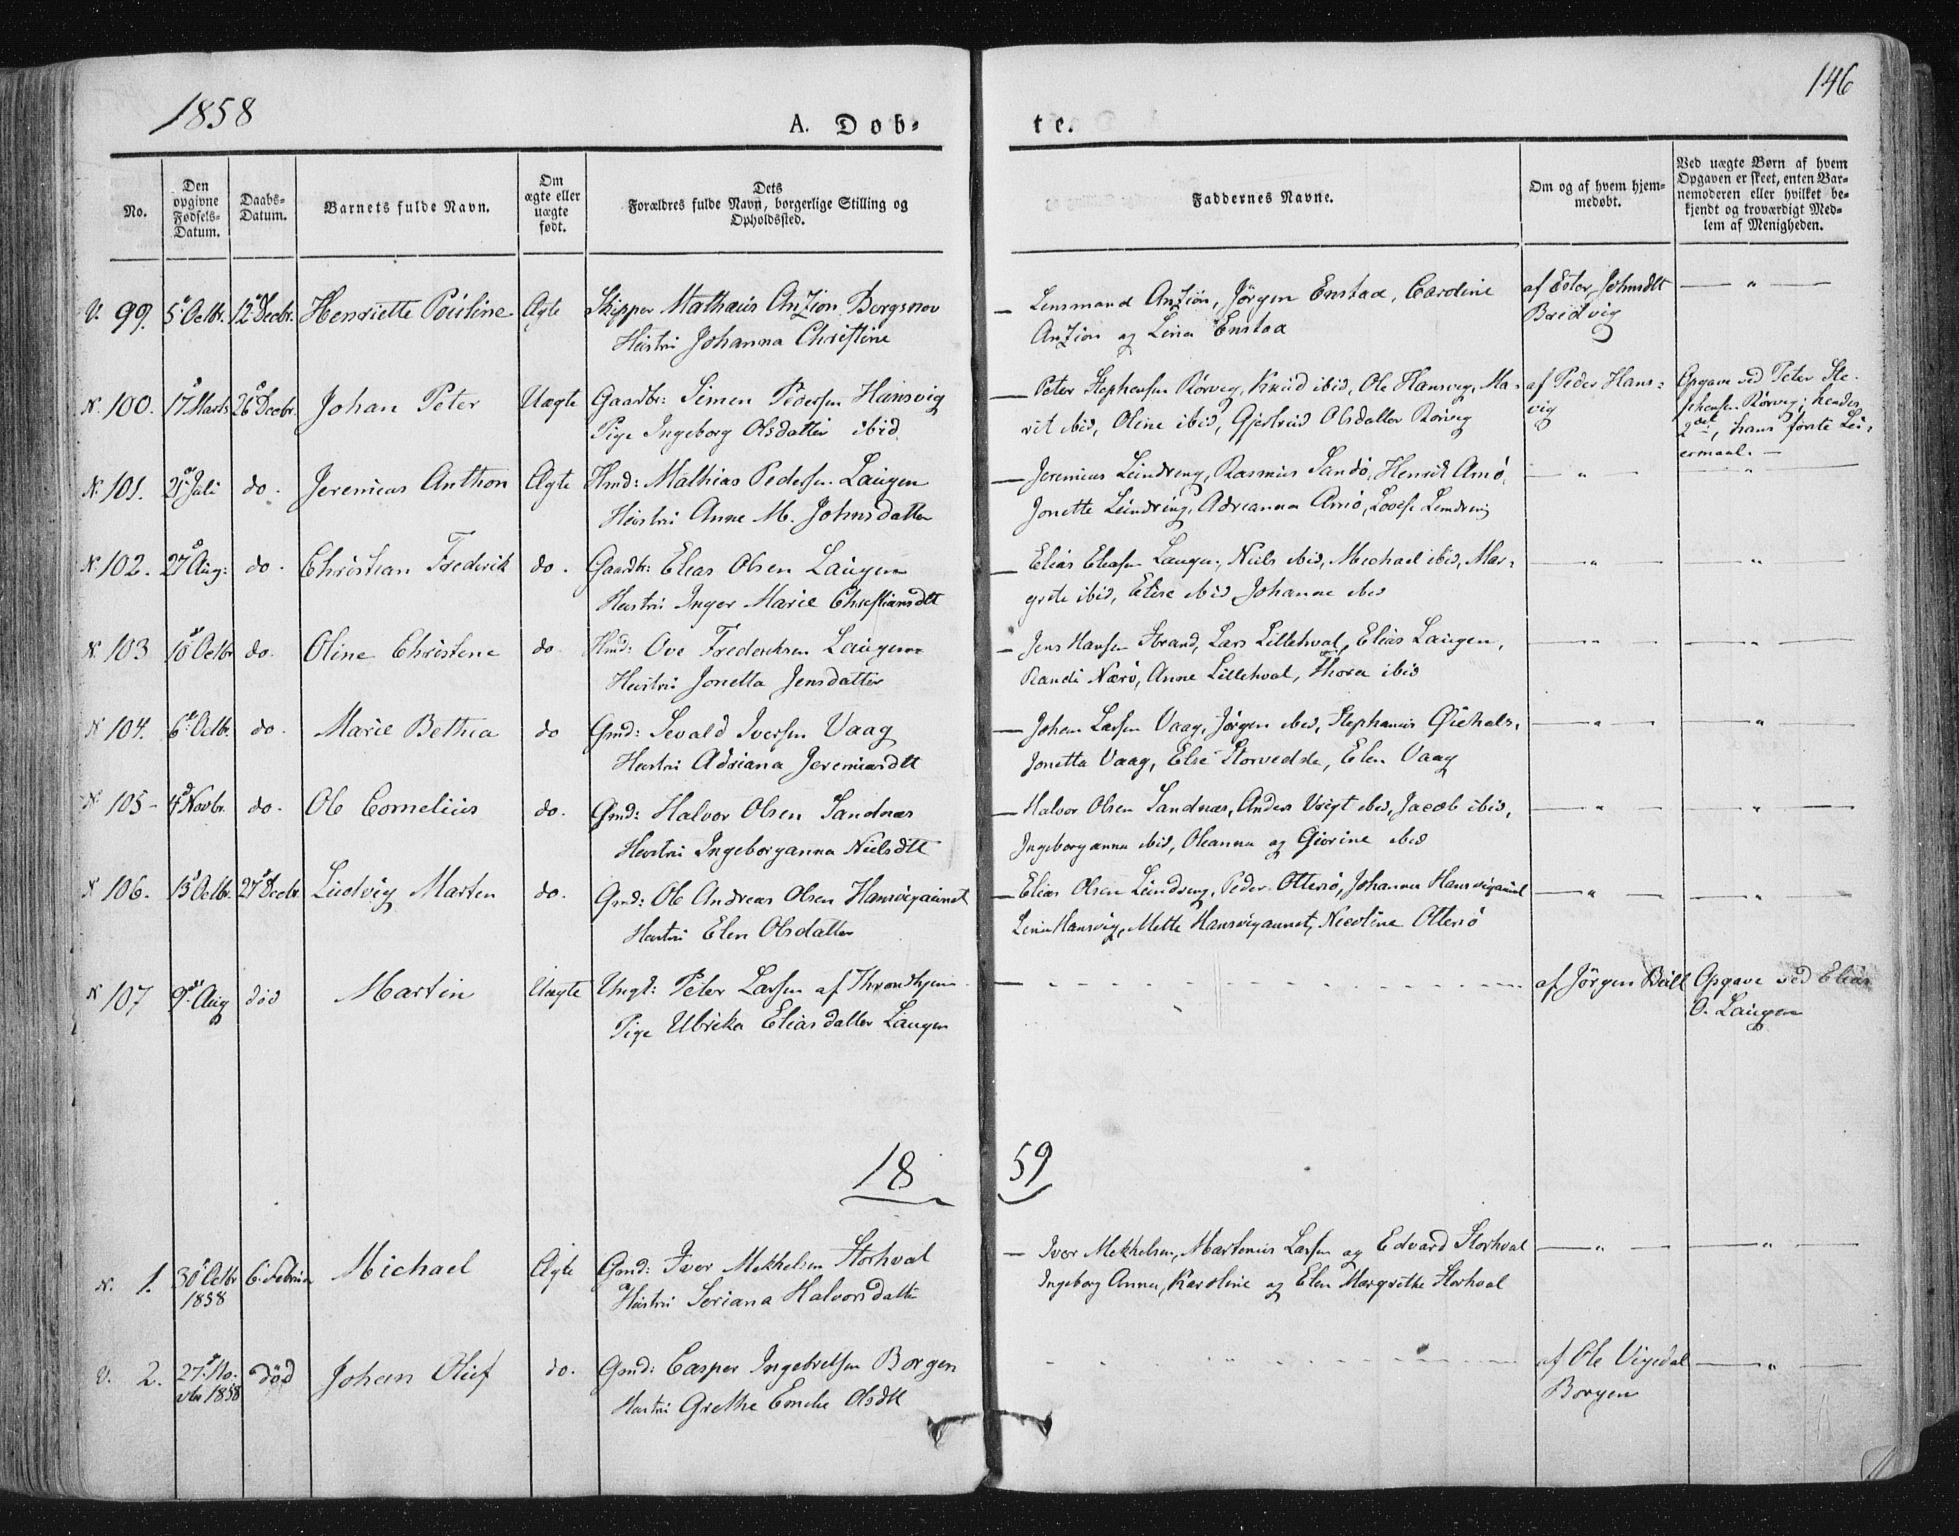 SAT, Ministerialprotokoller, klokkerbøker og fødselsregistre - Nord-Trøndelag, 784/L0669: Ministerialbok nr. 784A04, 1829-1859, s. 146